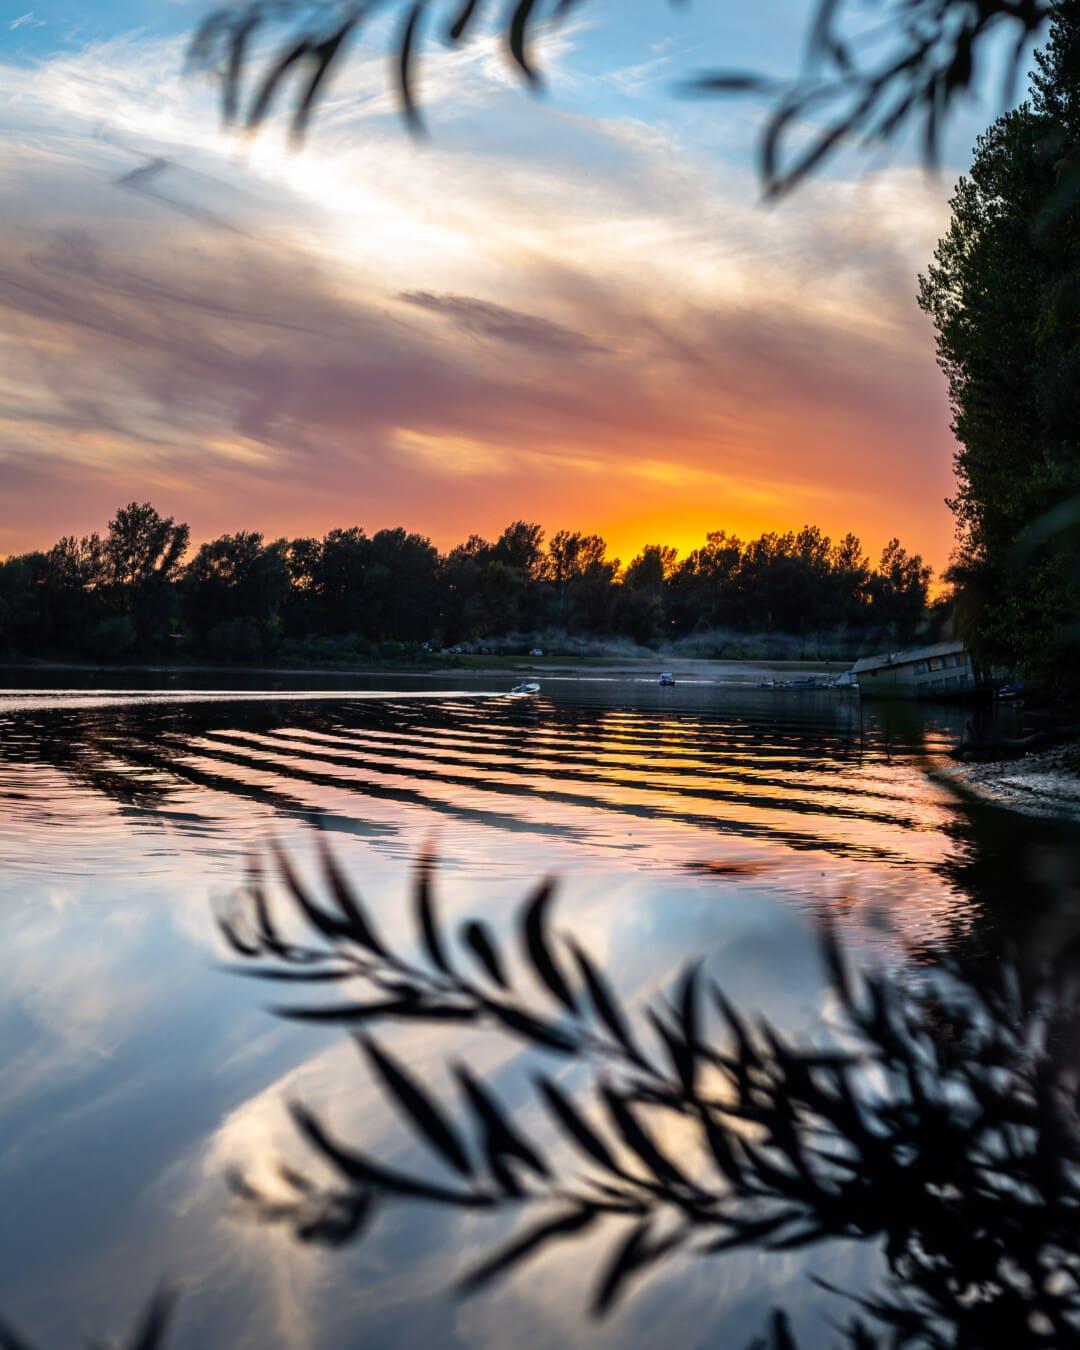 湖, 黄昏, 雄伟, 日落, 海滩, 性质, 黎明, 太阳, 湖, 景观